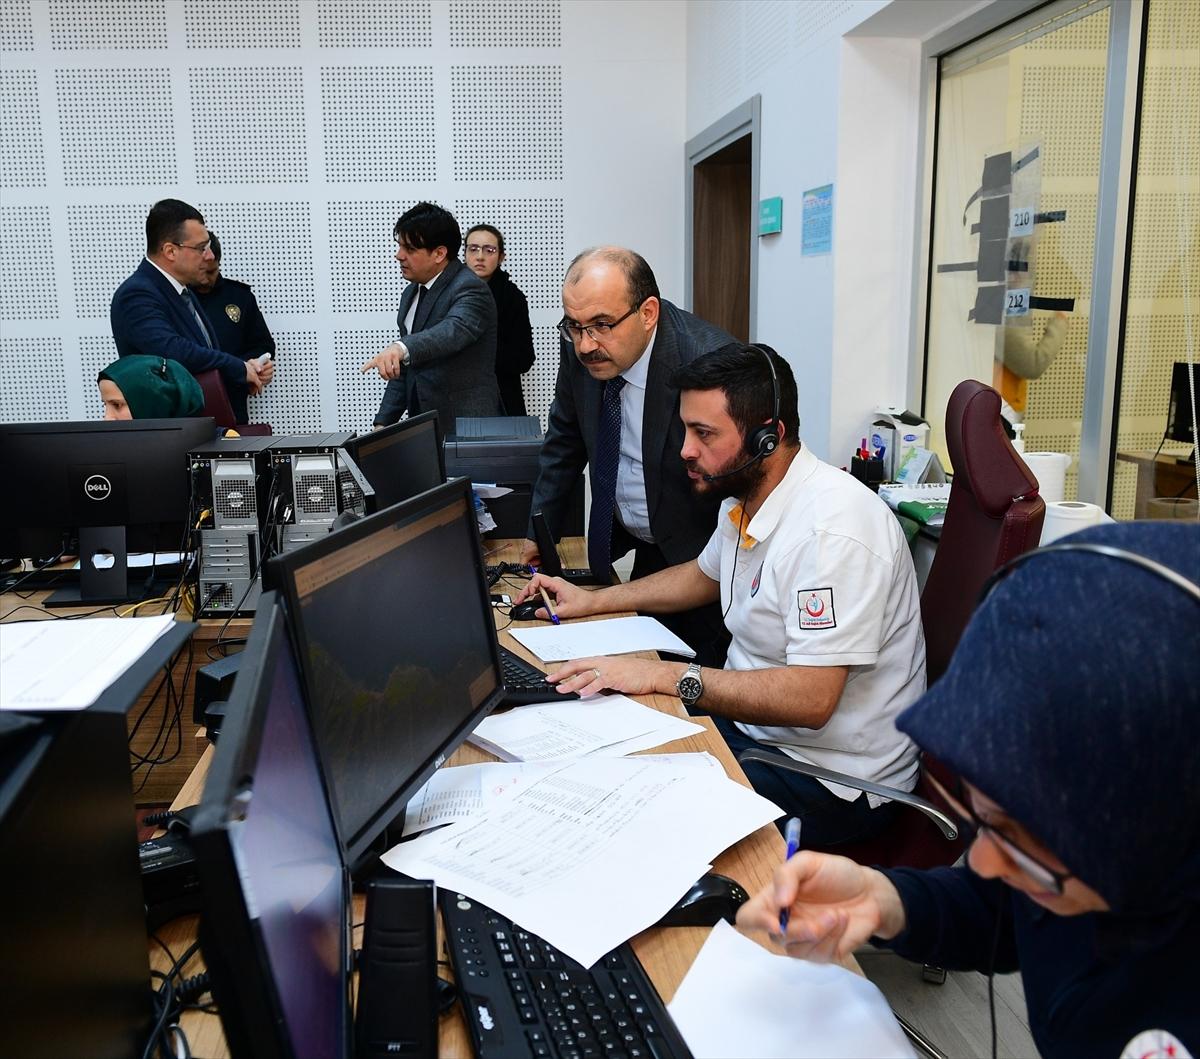 Trabzon Valisi Ustaoğlu, Vefa Sosyal Destek Grubu'nun çalışmalarını inceledi